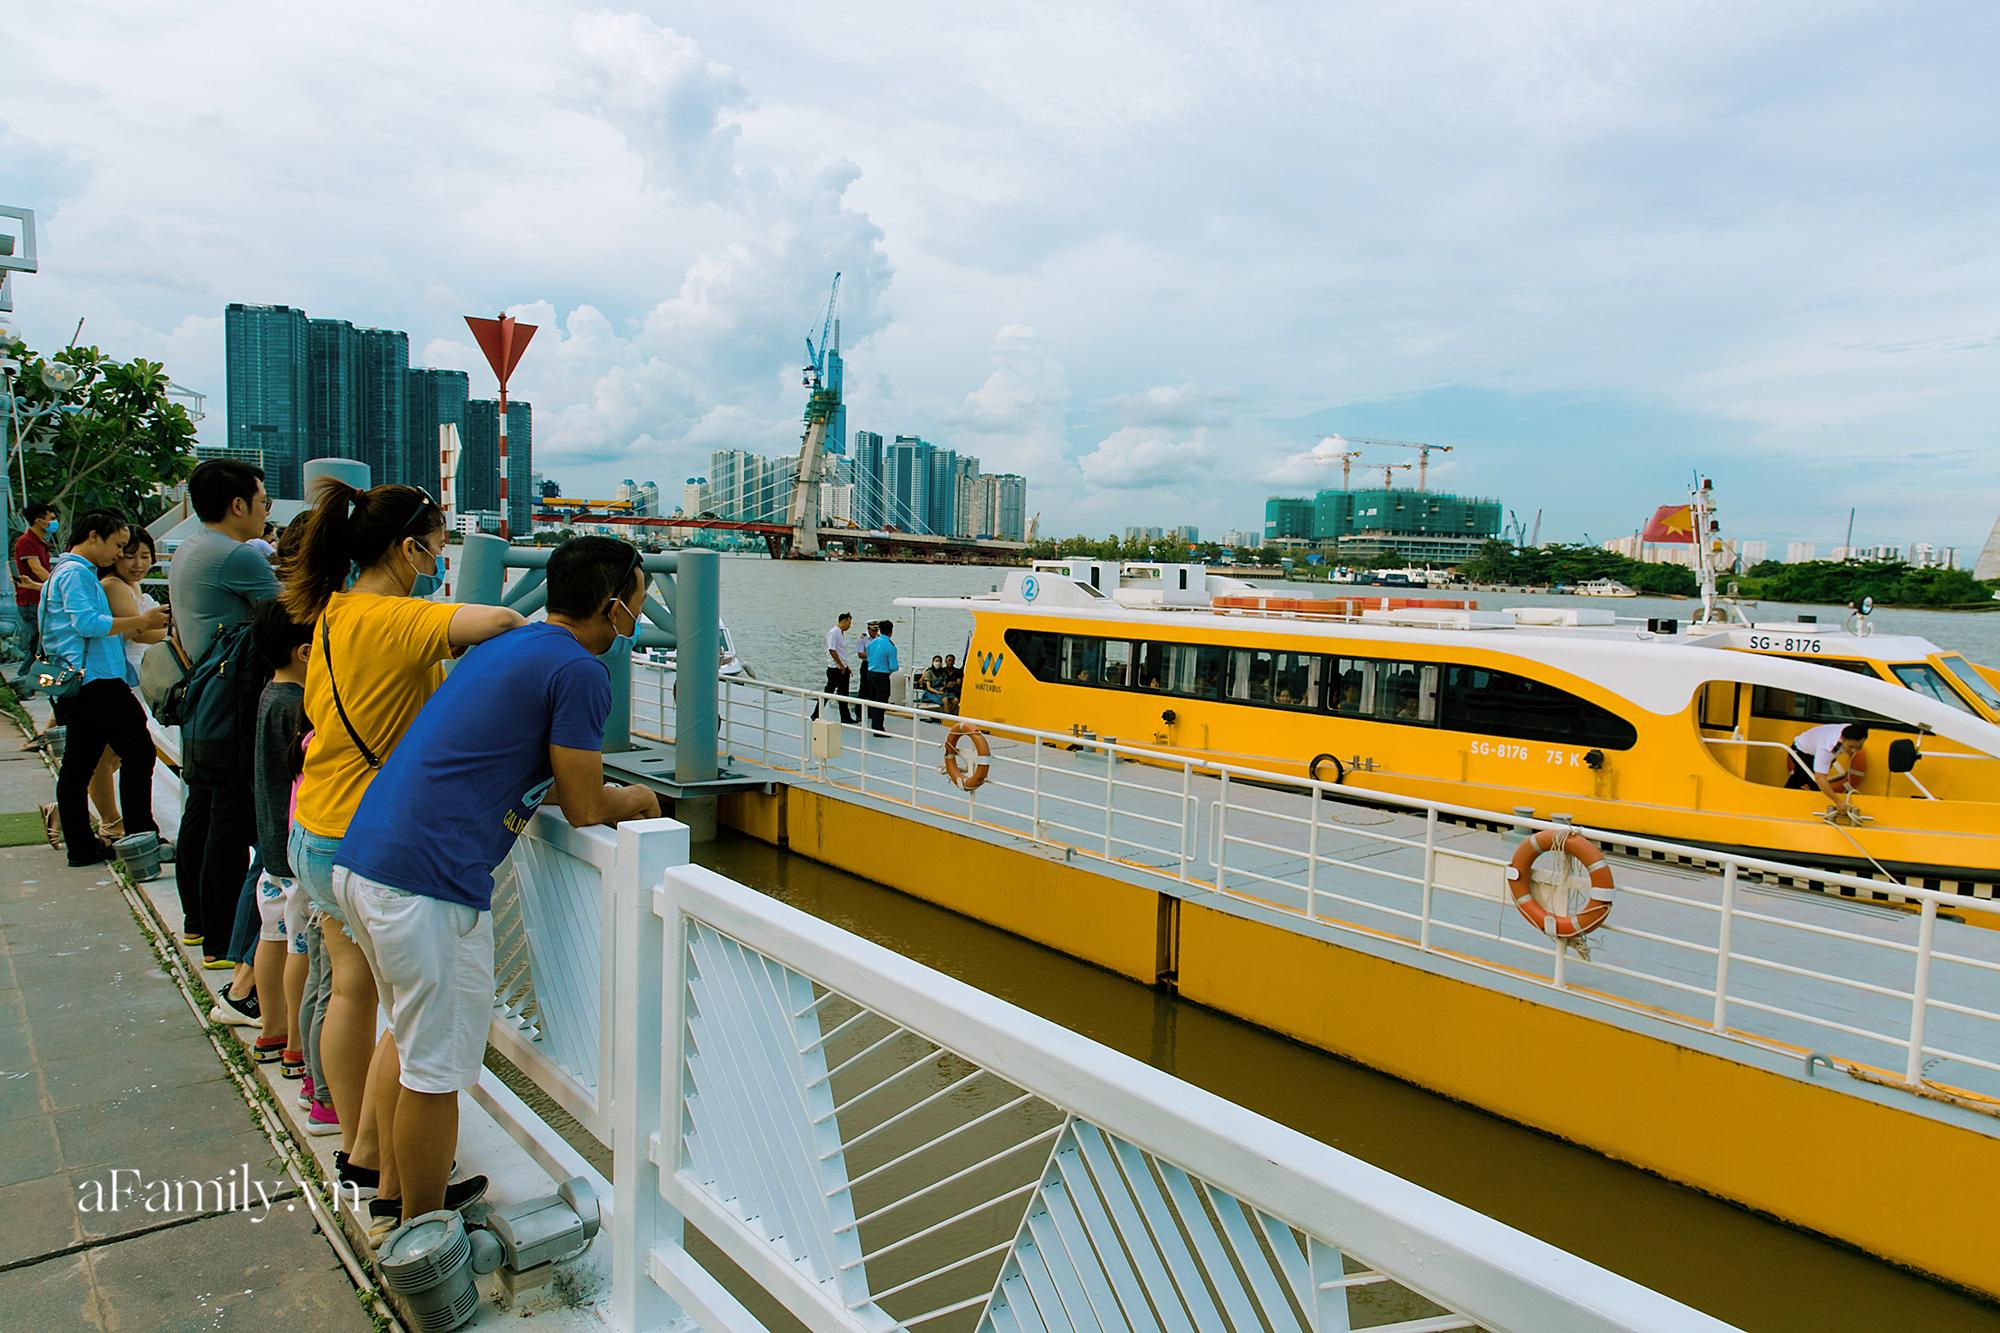 """Bất ngờ về """"3 cái khủng"""" của bus tàu thủy tại bến Bạch Đằng, sau 3 năm khánh thành vẫn luôn có hàng trăm người chờ mỗi ngày để thấy được cảnh tượng có 1-0-2 này! - Ảnh 7."""